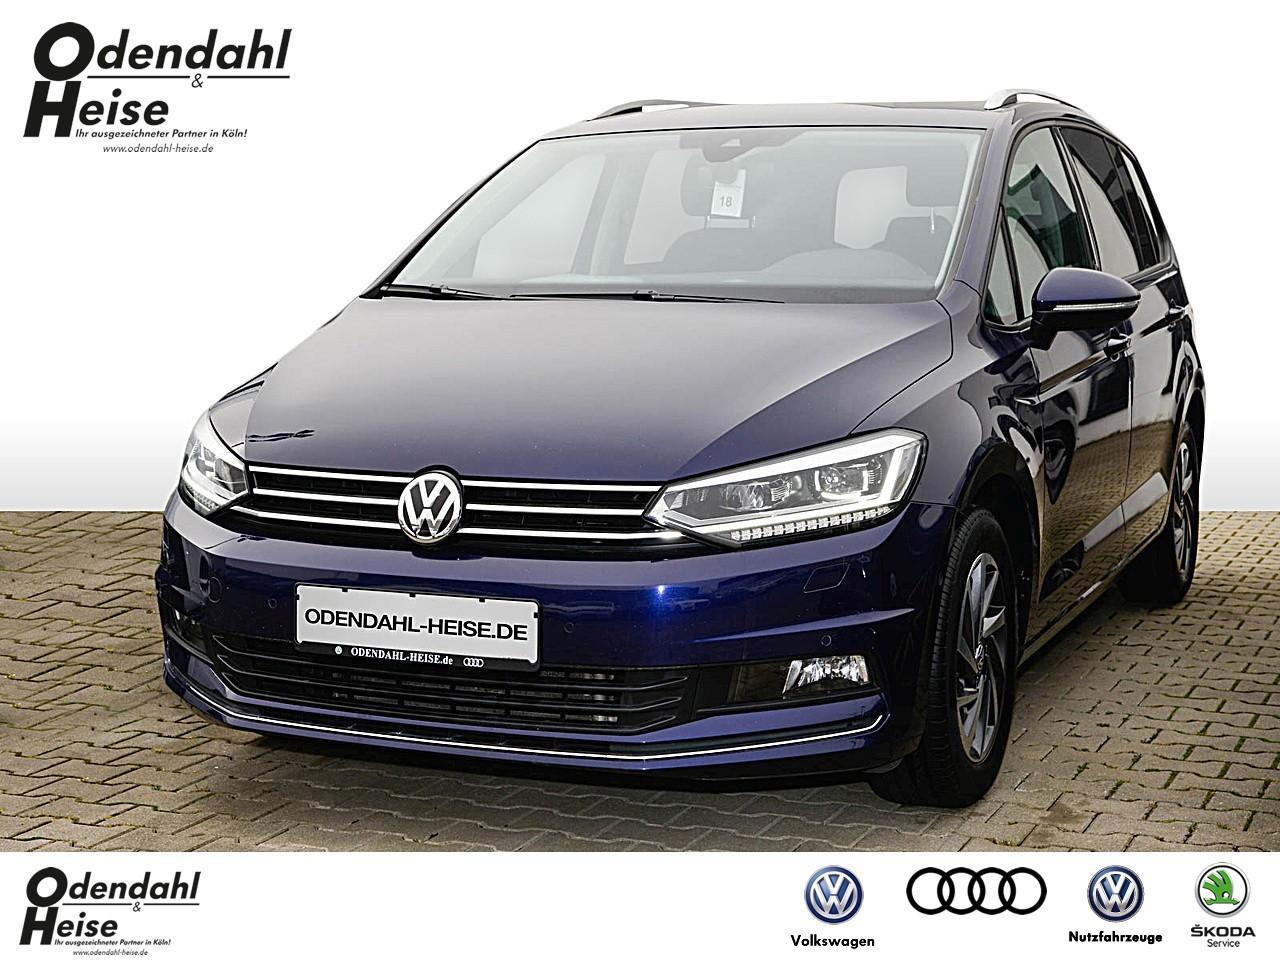 Volkswagen Touran SOUND 2,0 l TDI SCR EU6 Klima Navi, Jahr 2017, Diesel